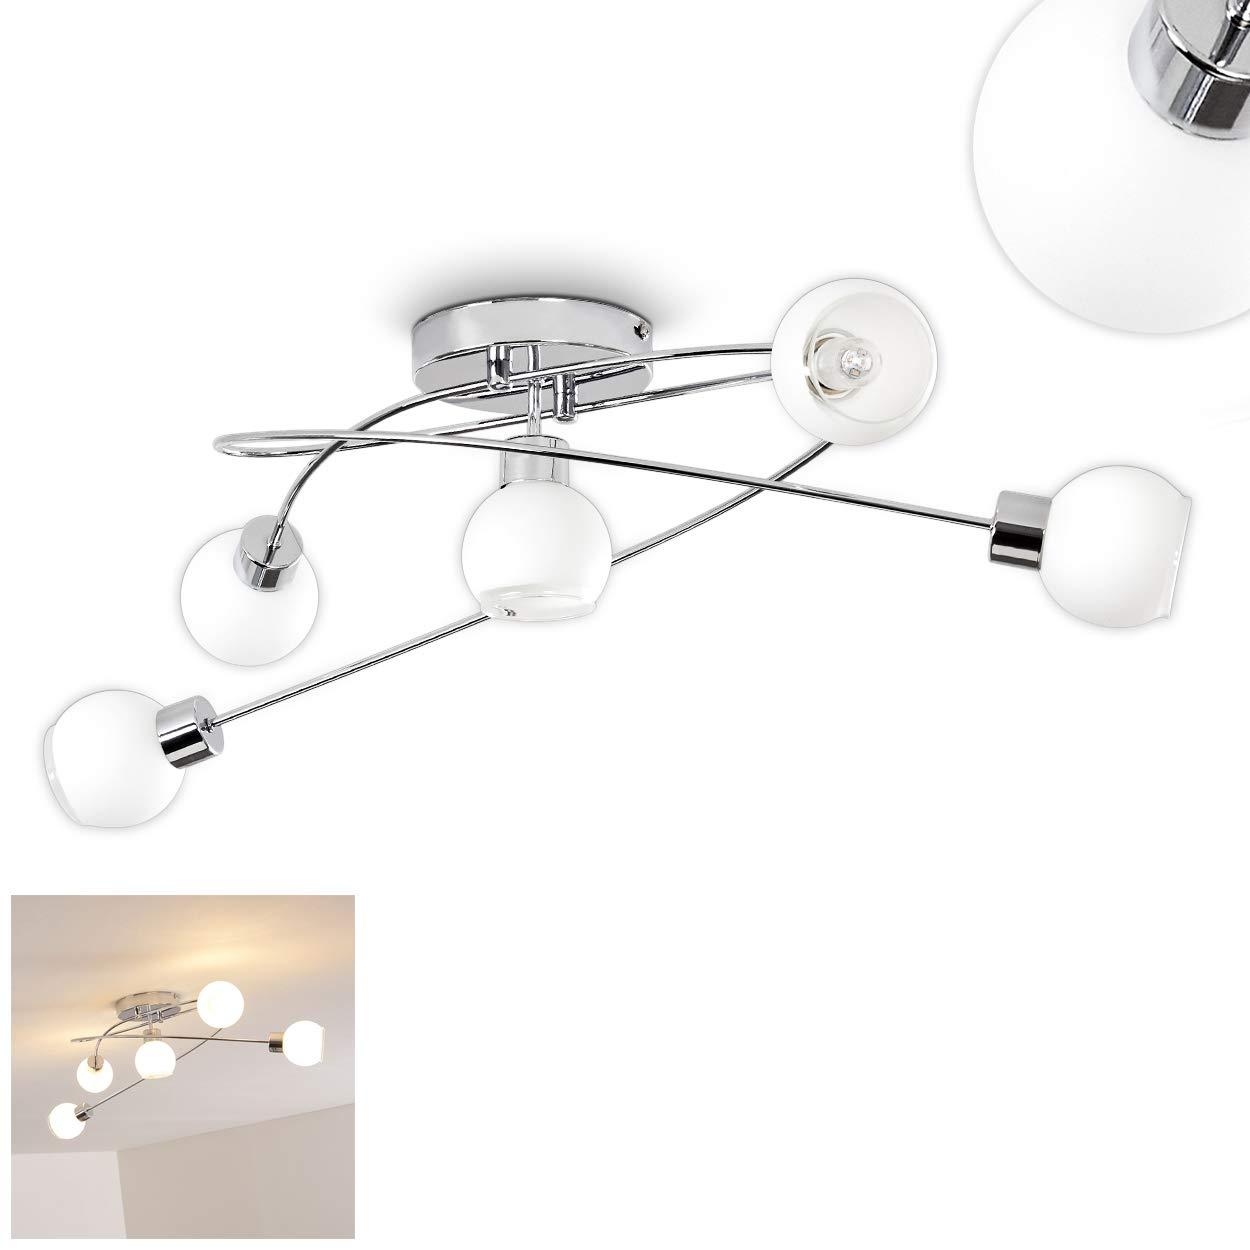 LED Deckenleuchte in Chrom, Deckenlampe 5-flammig, spiralförmig mit halboffenen 5 Leuchtkugeln aus Glas, 5 halboffenen x GU10-Fassung, max. 4 Watt, 320 Lumen, 3000 Kelvin (warmweiß) 0a59ea